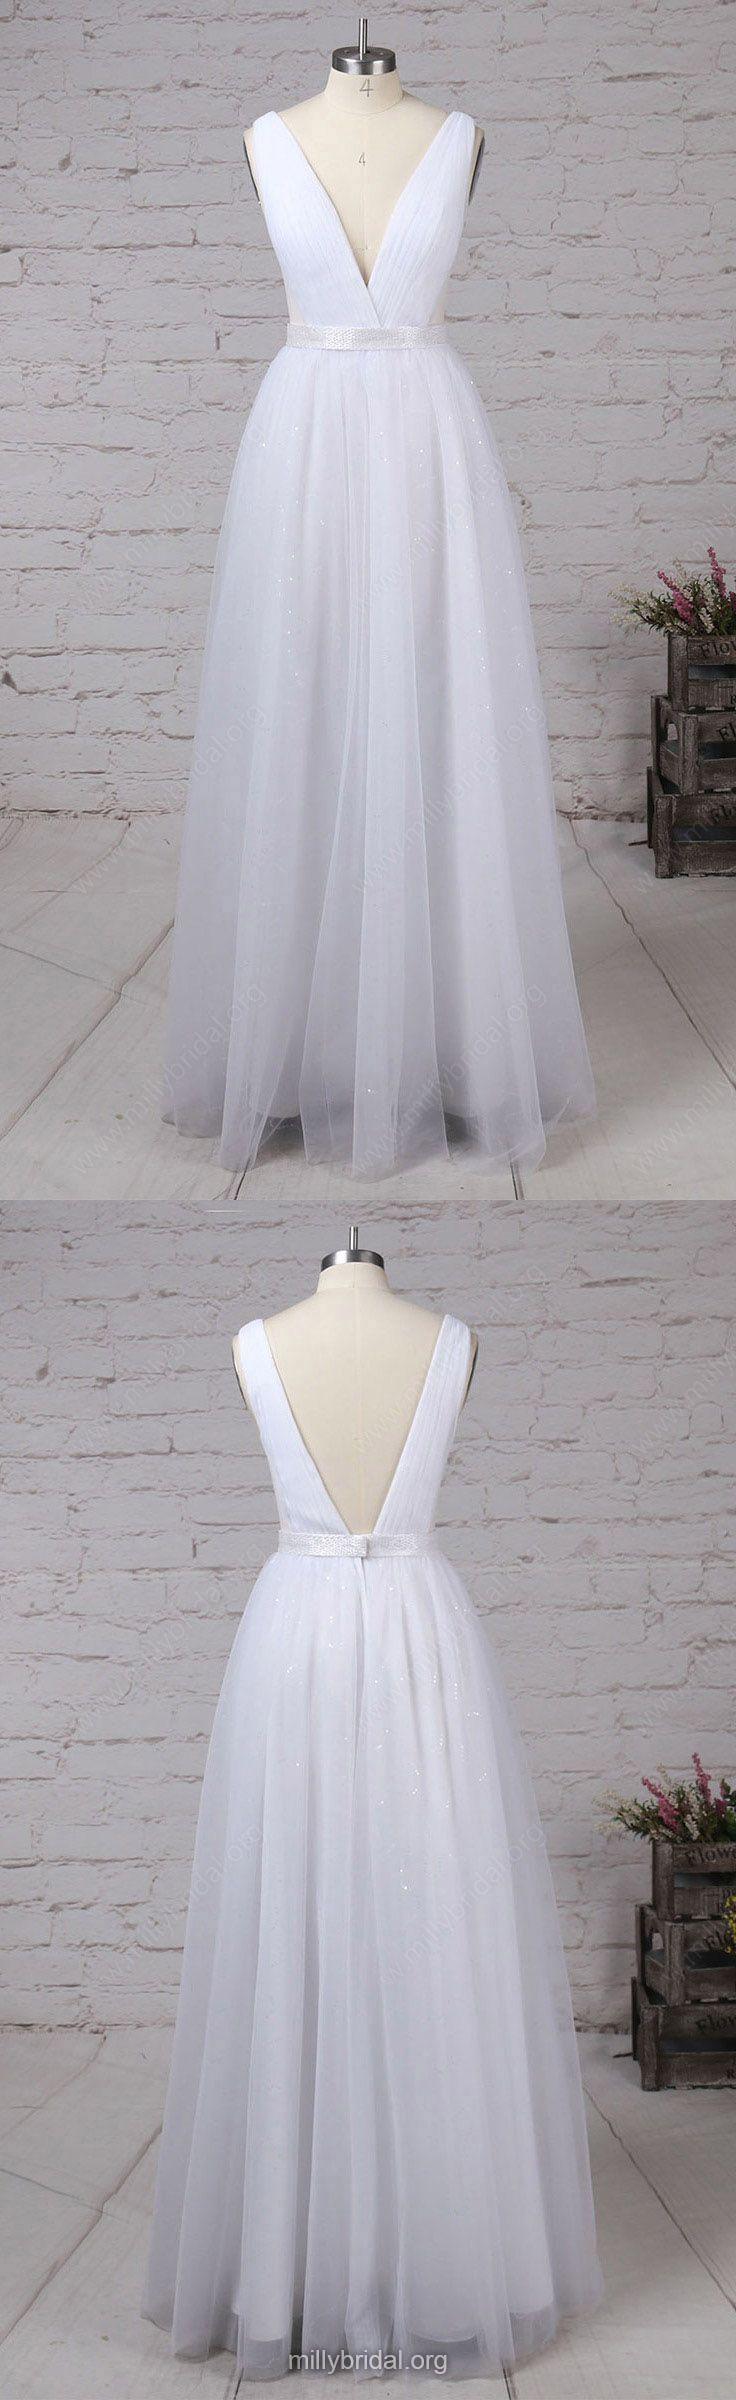 White prom dresseslong prom dresses prom dresses for teensa